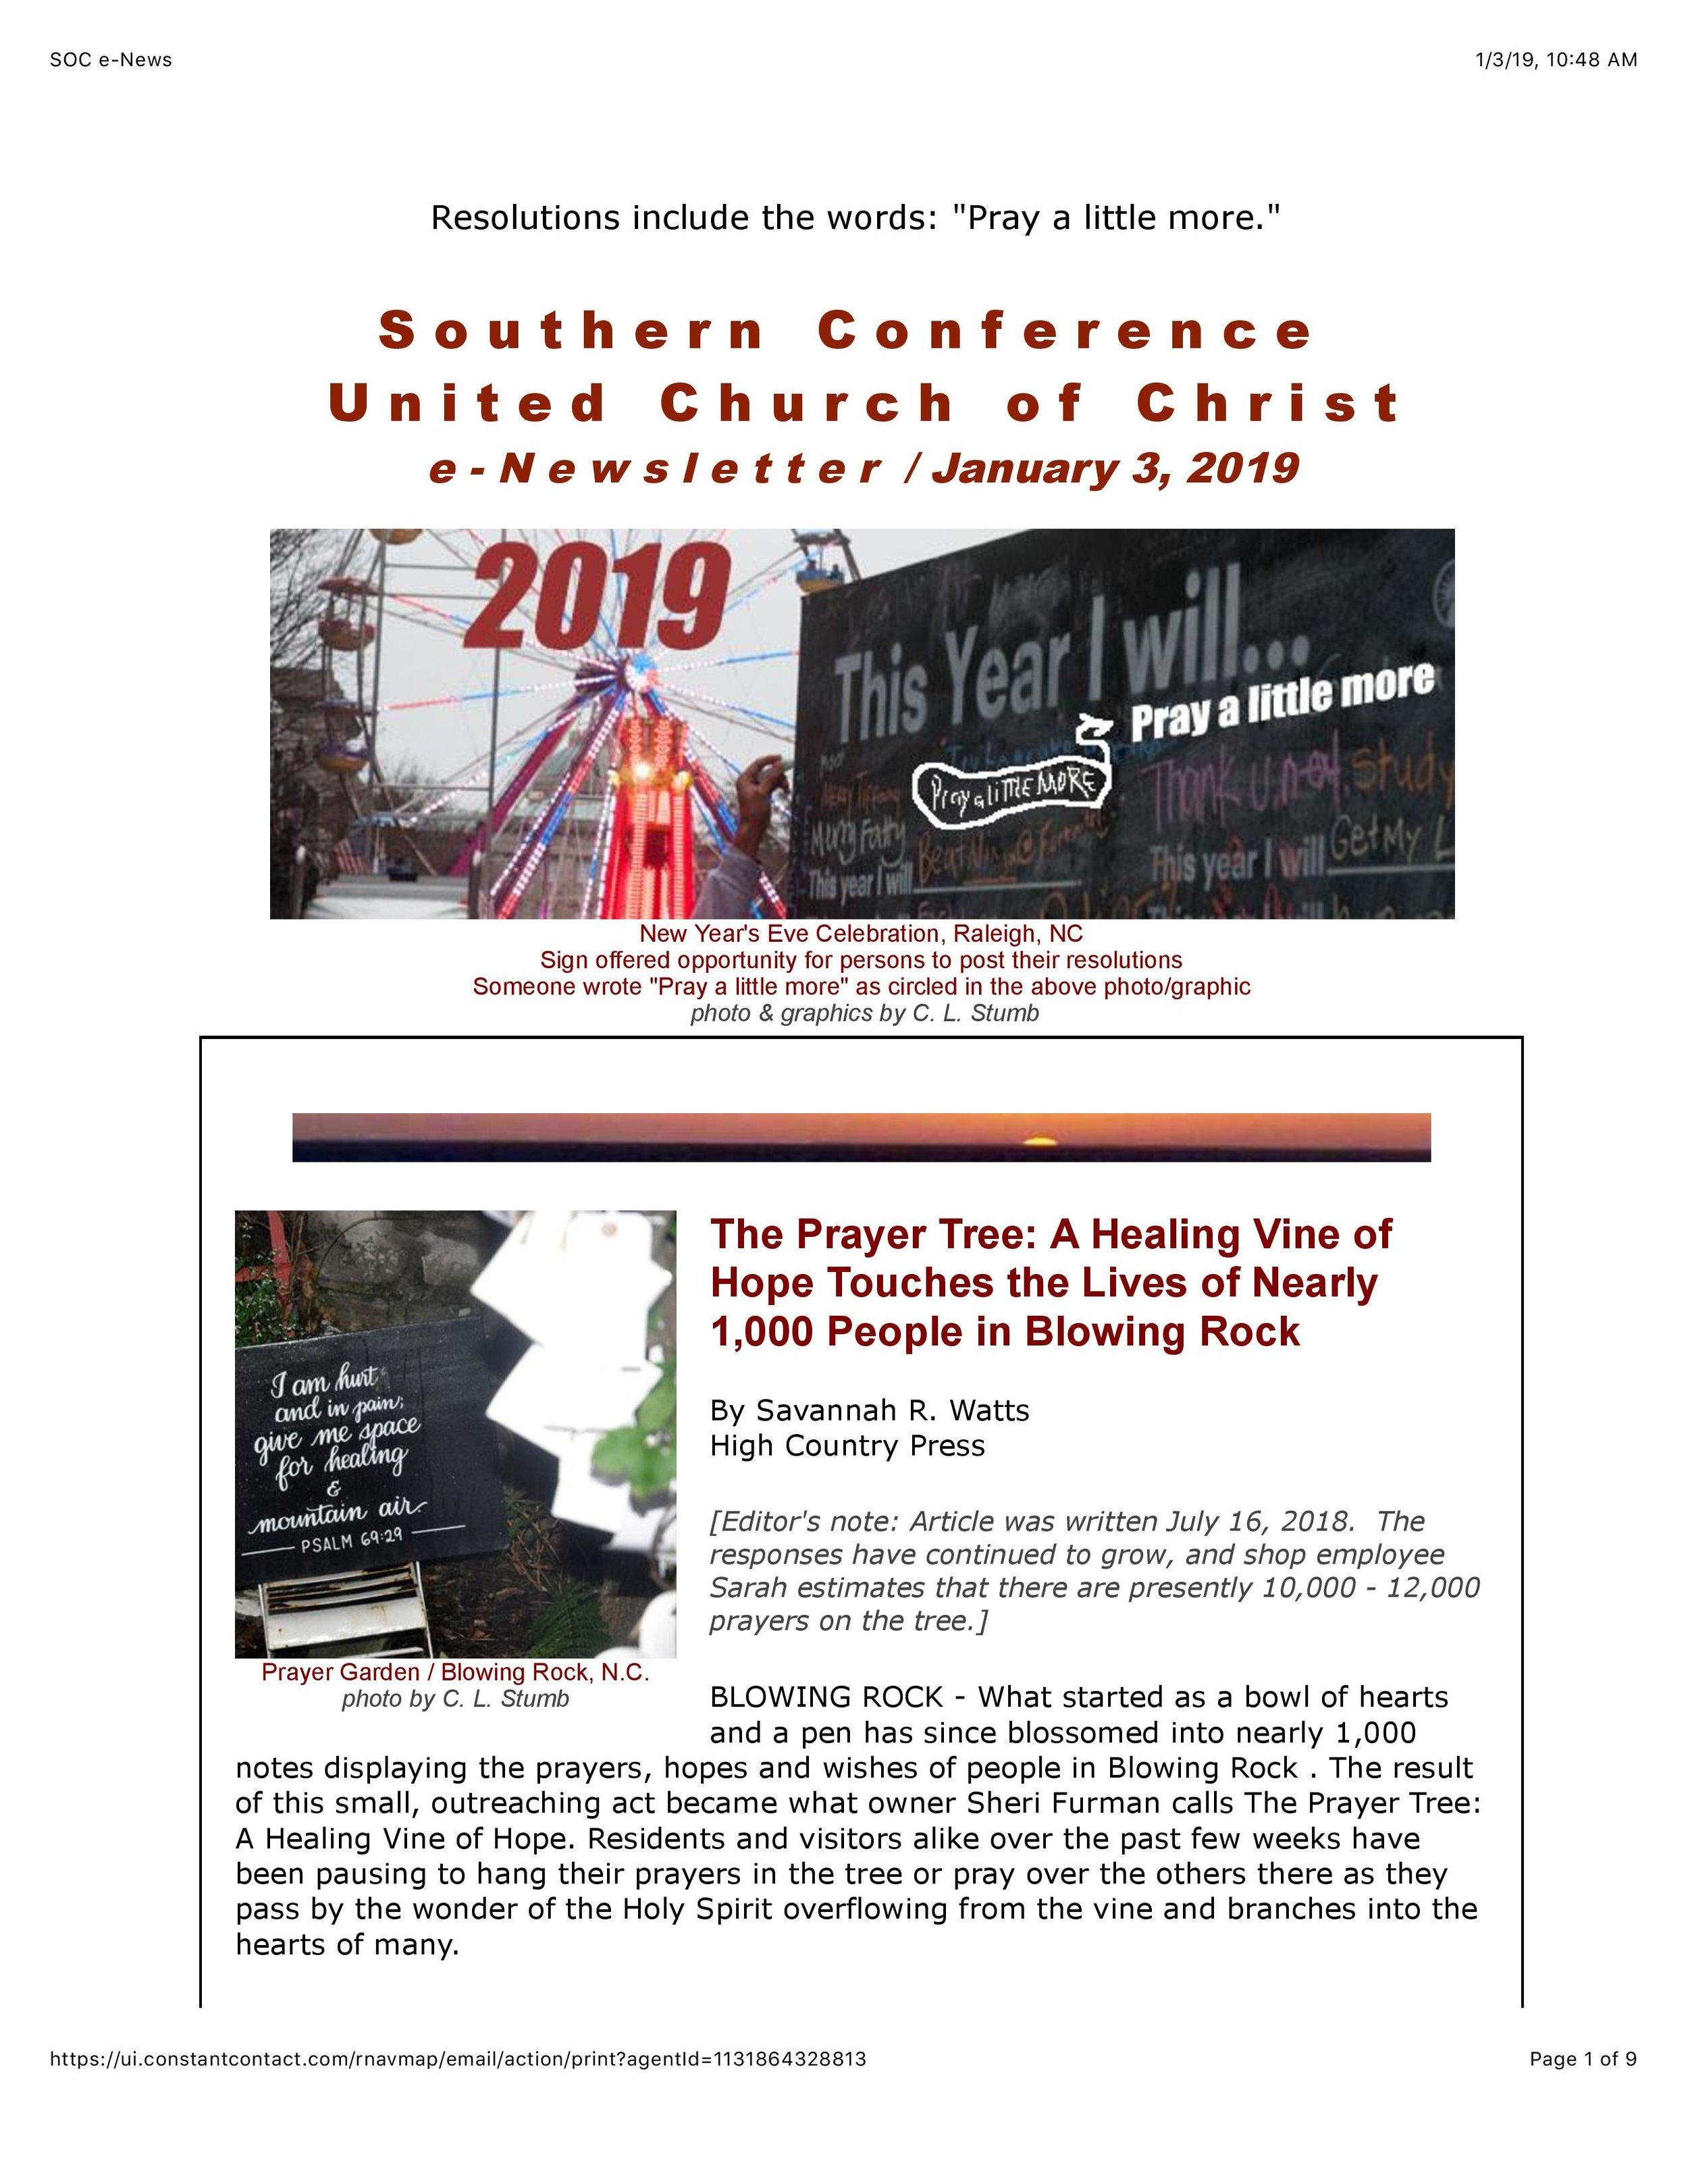 SOC_e-News_1-3-19-page-001.jpg